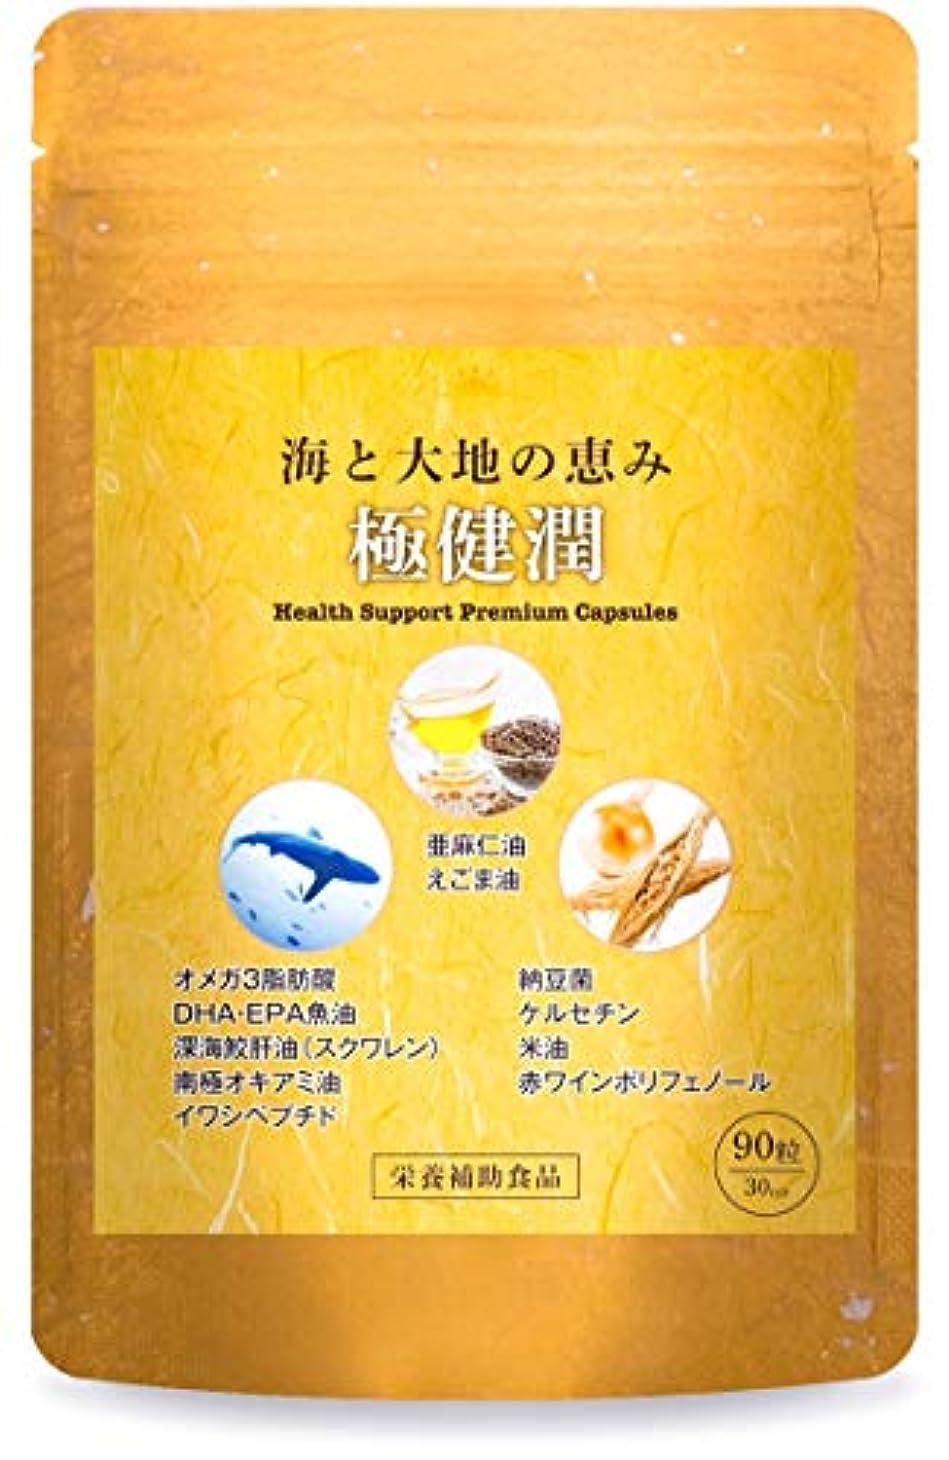 ペイント残り極めて重要な極健潤 オメガ3 DHA EPA サプリメント 深海鮫肝油 納豆菌 ケルセチン 亜麻仁油 えごま油 30日分